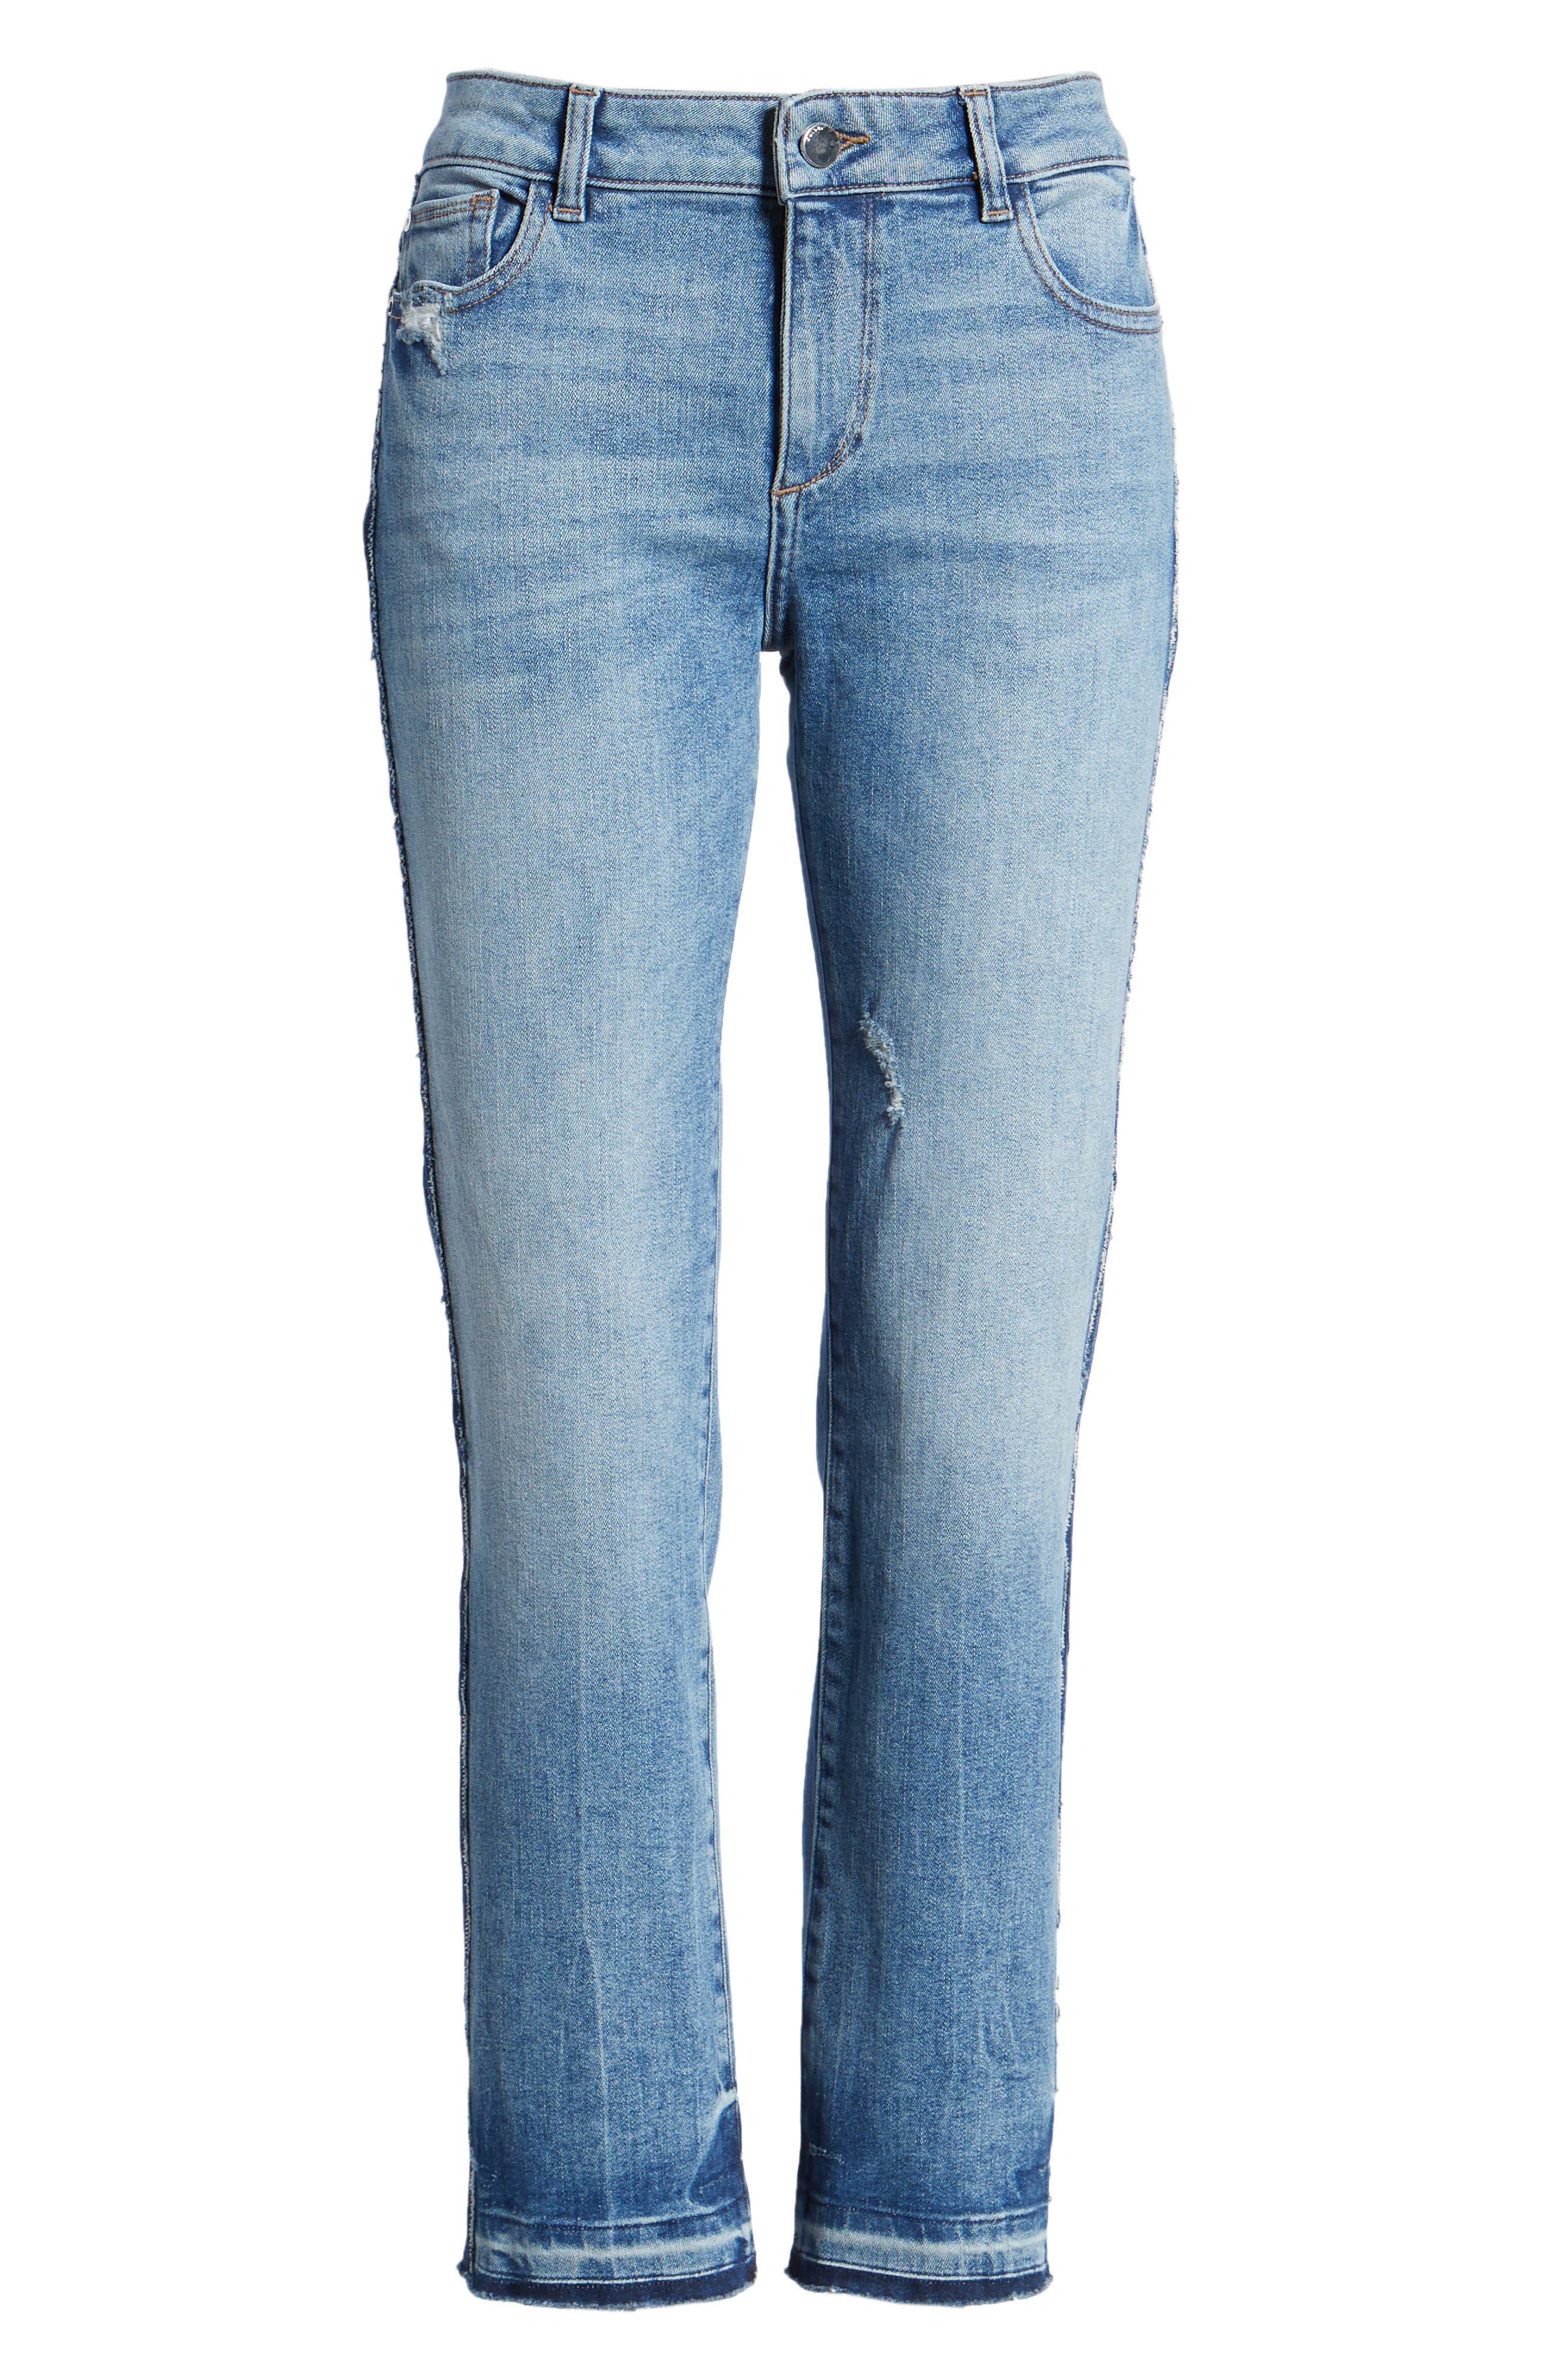 Mara Instasculpt Ankle Straight Leg Jeans,                             Alternate thumbnail 7, color,                             EVERETT